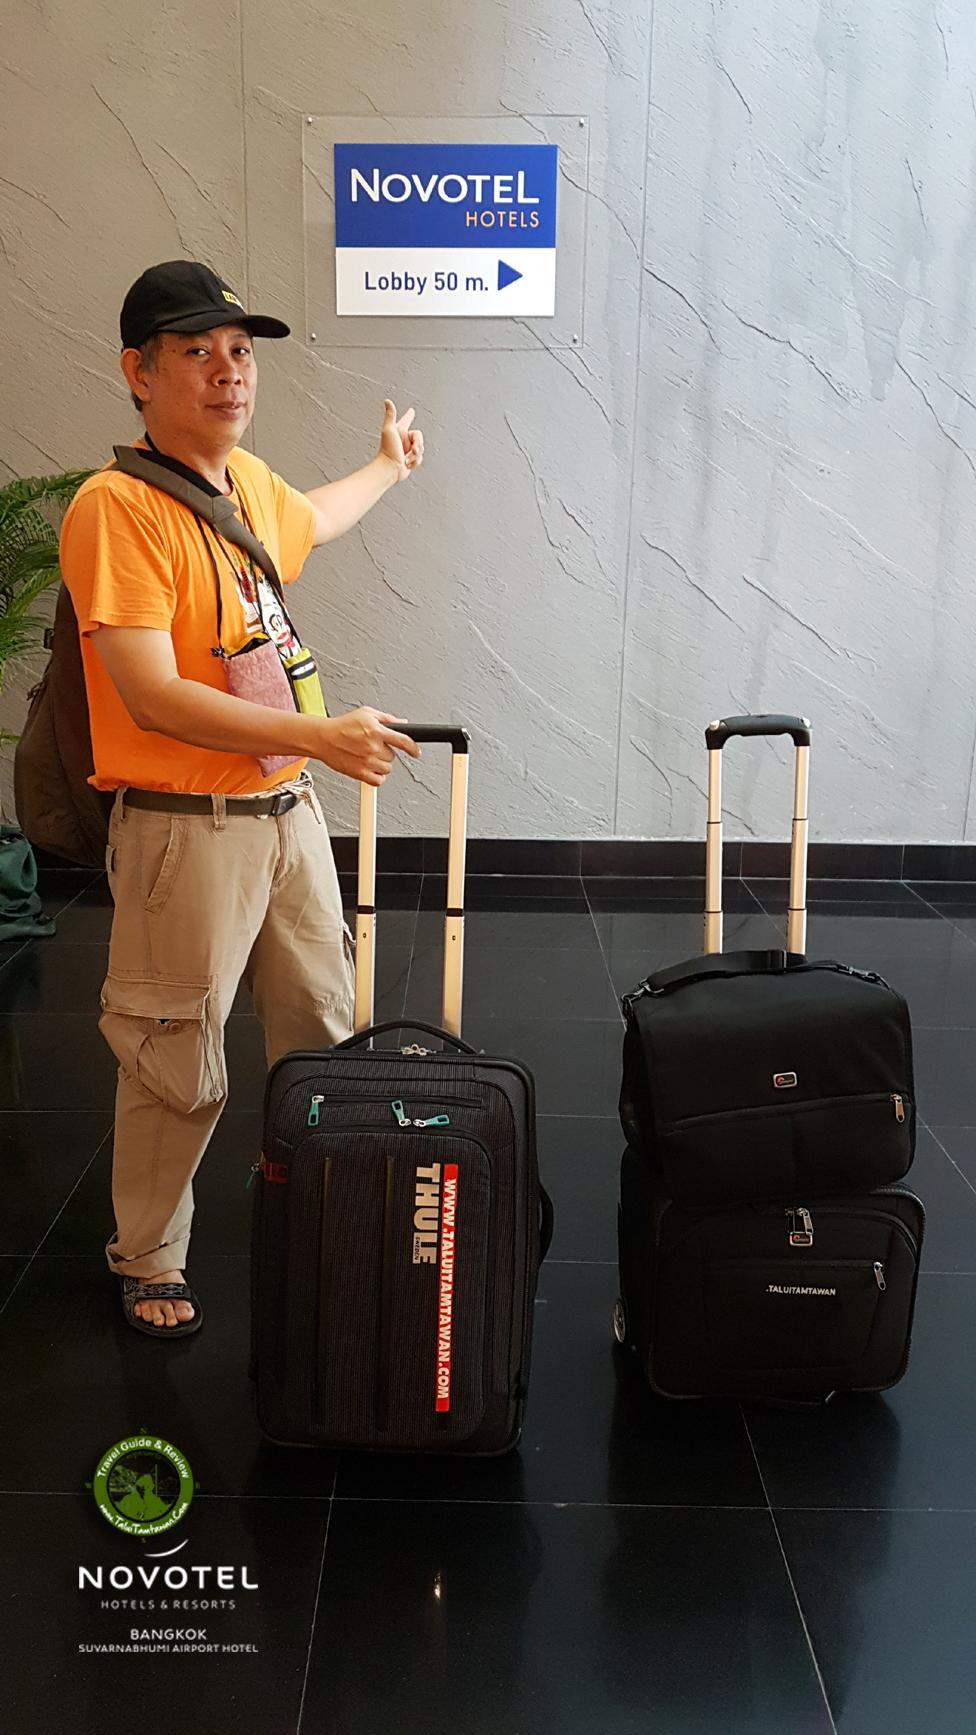 ในฐานะ นักเดินทาง ท่องโลก หัวใจ นักสิ่งแวดล้อม เดินครับ ทาง Walkway ไปสนามบิน